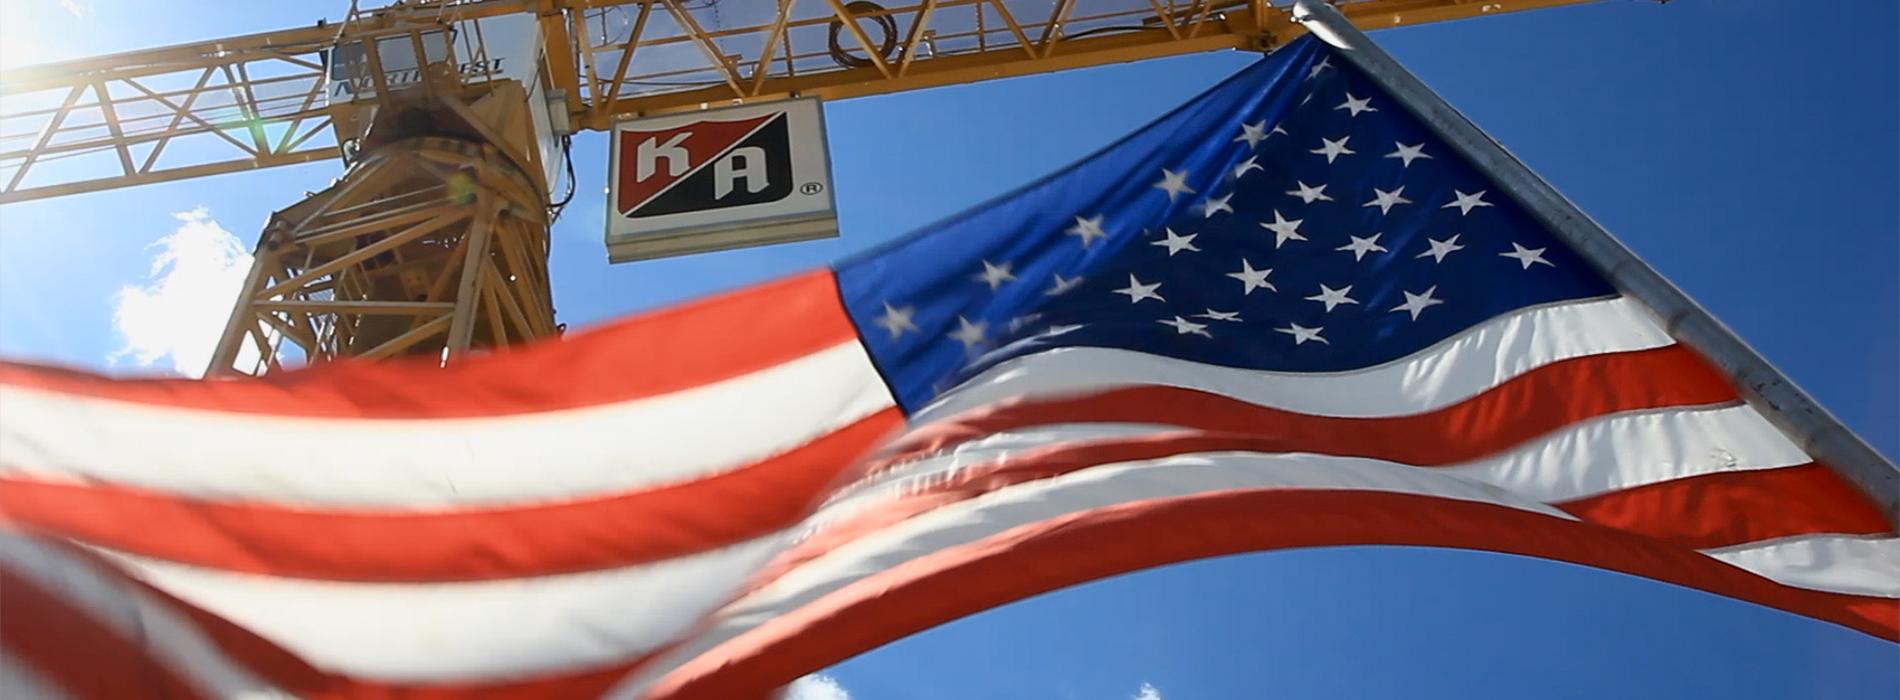 KA crane and American flag